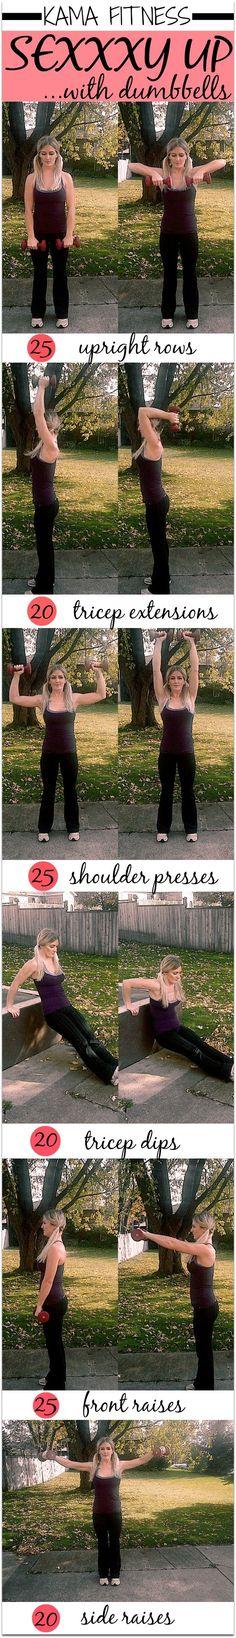 Arm Workout [ SkinnyFoxDetox.com ] #fitness #skinny #health